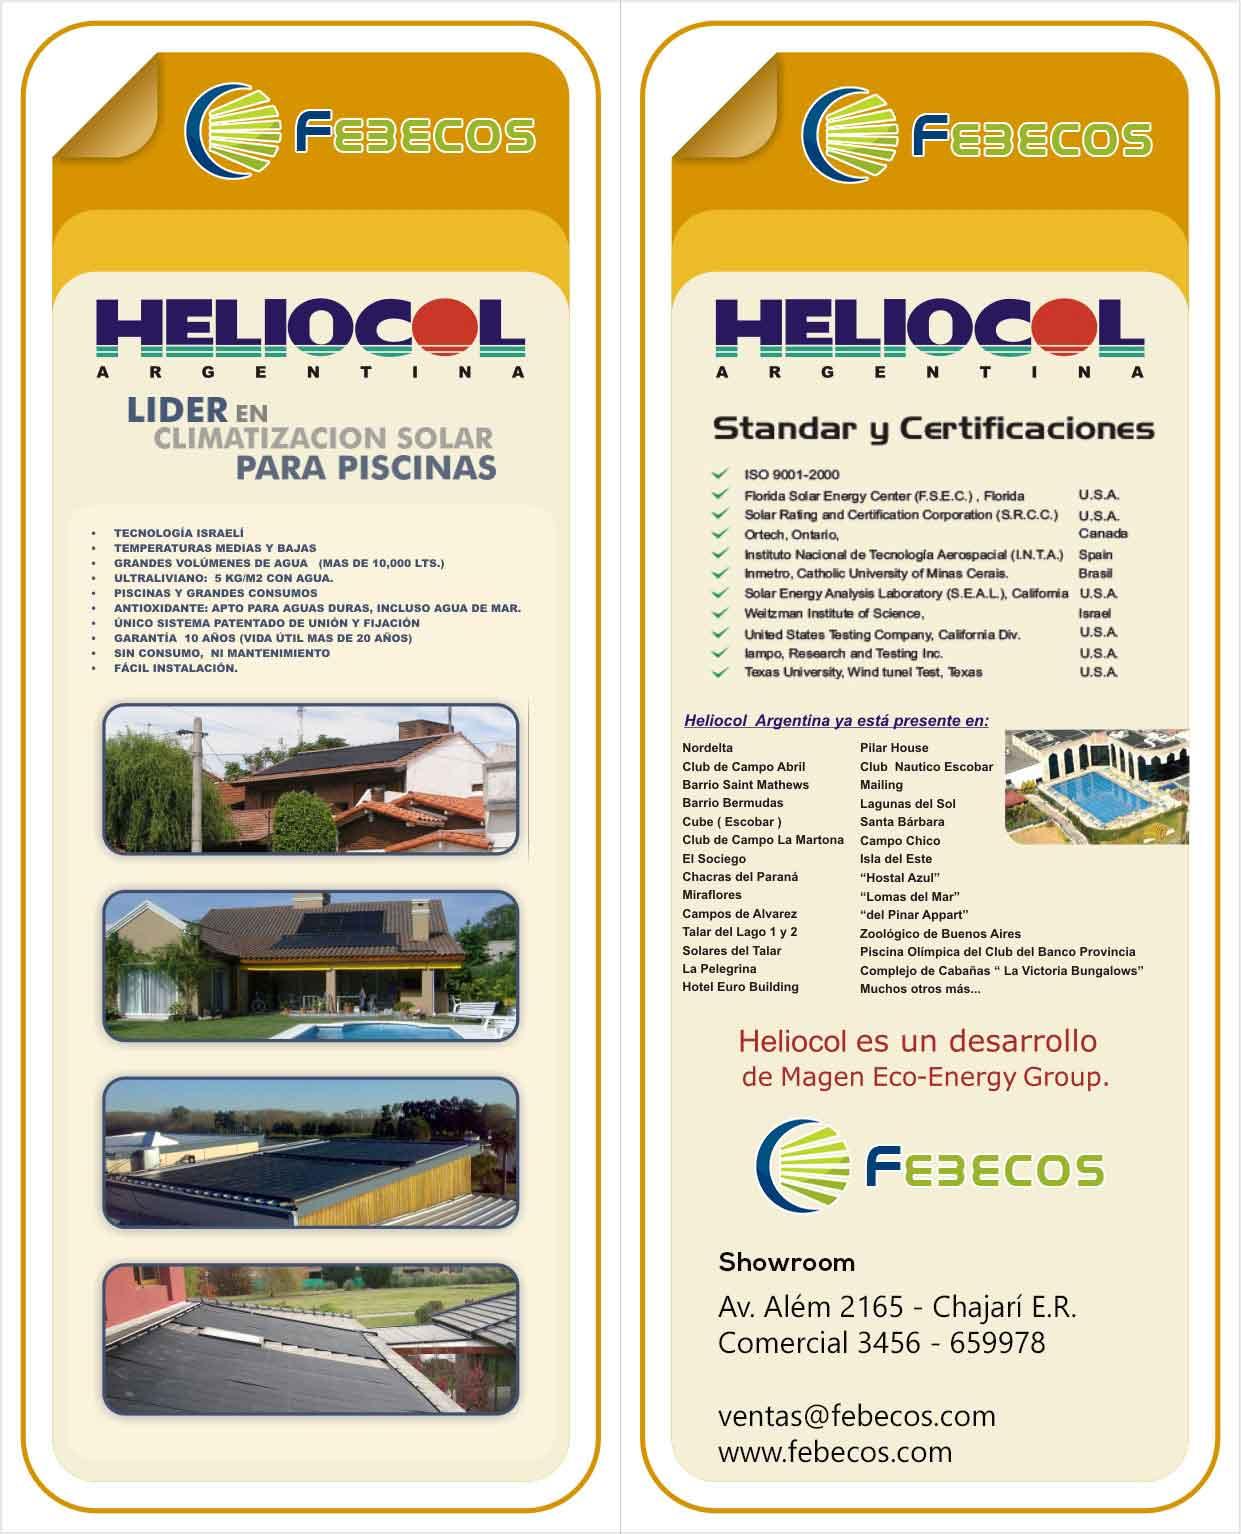 1-Heliocol1-DIGITAL